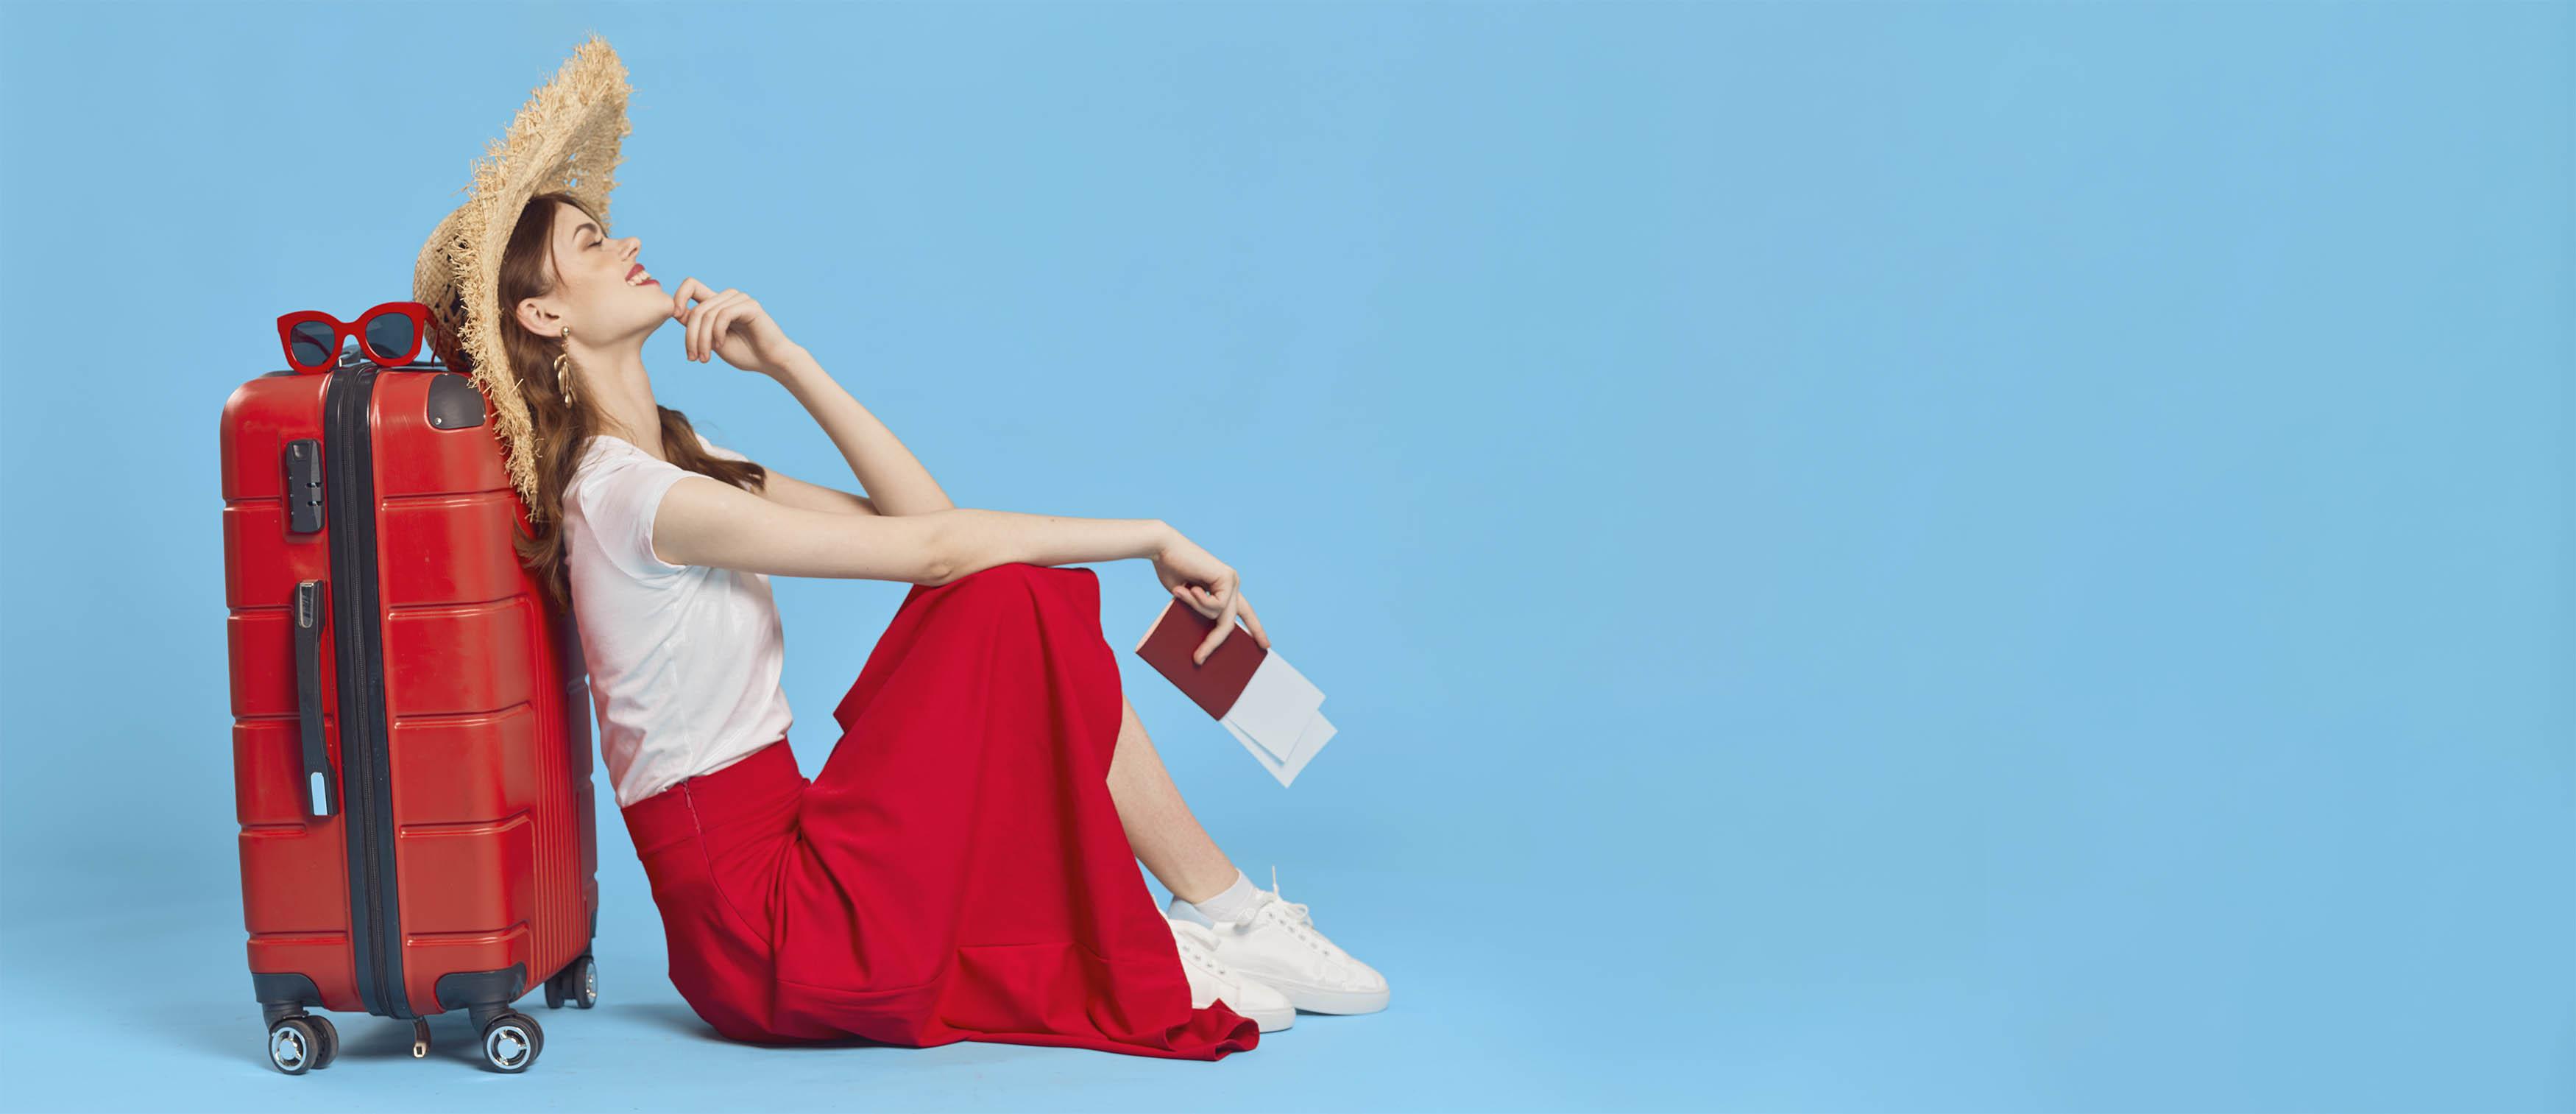 Mujer con sombrero, camisa blanca y falda roja apoyada en una maleta roja